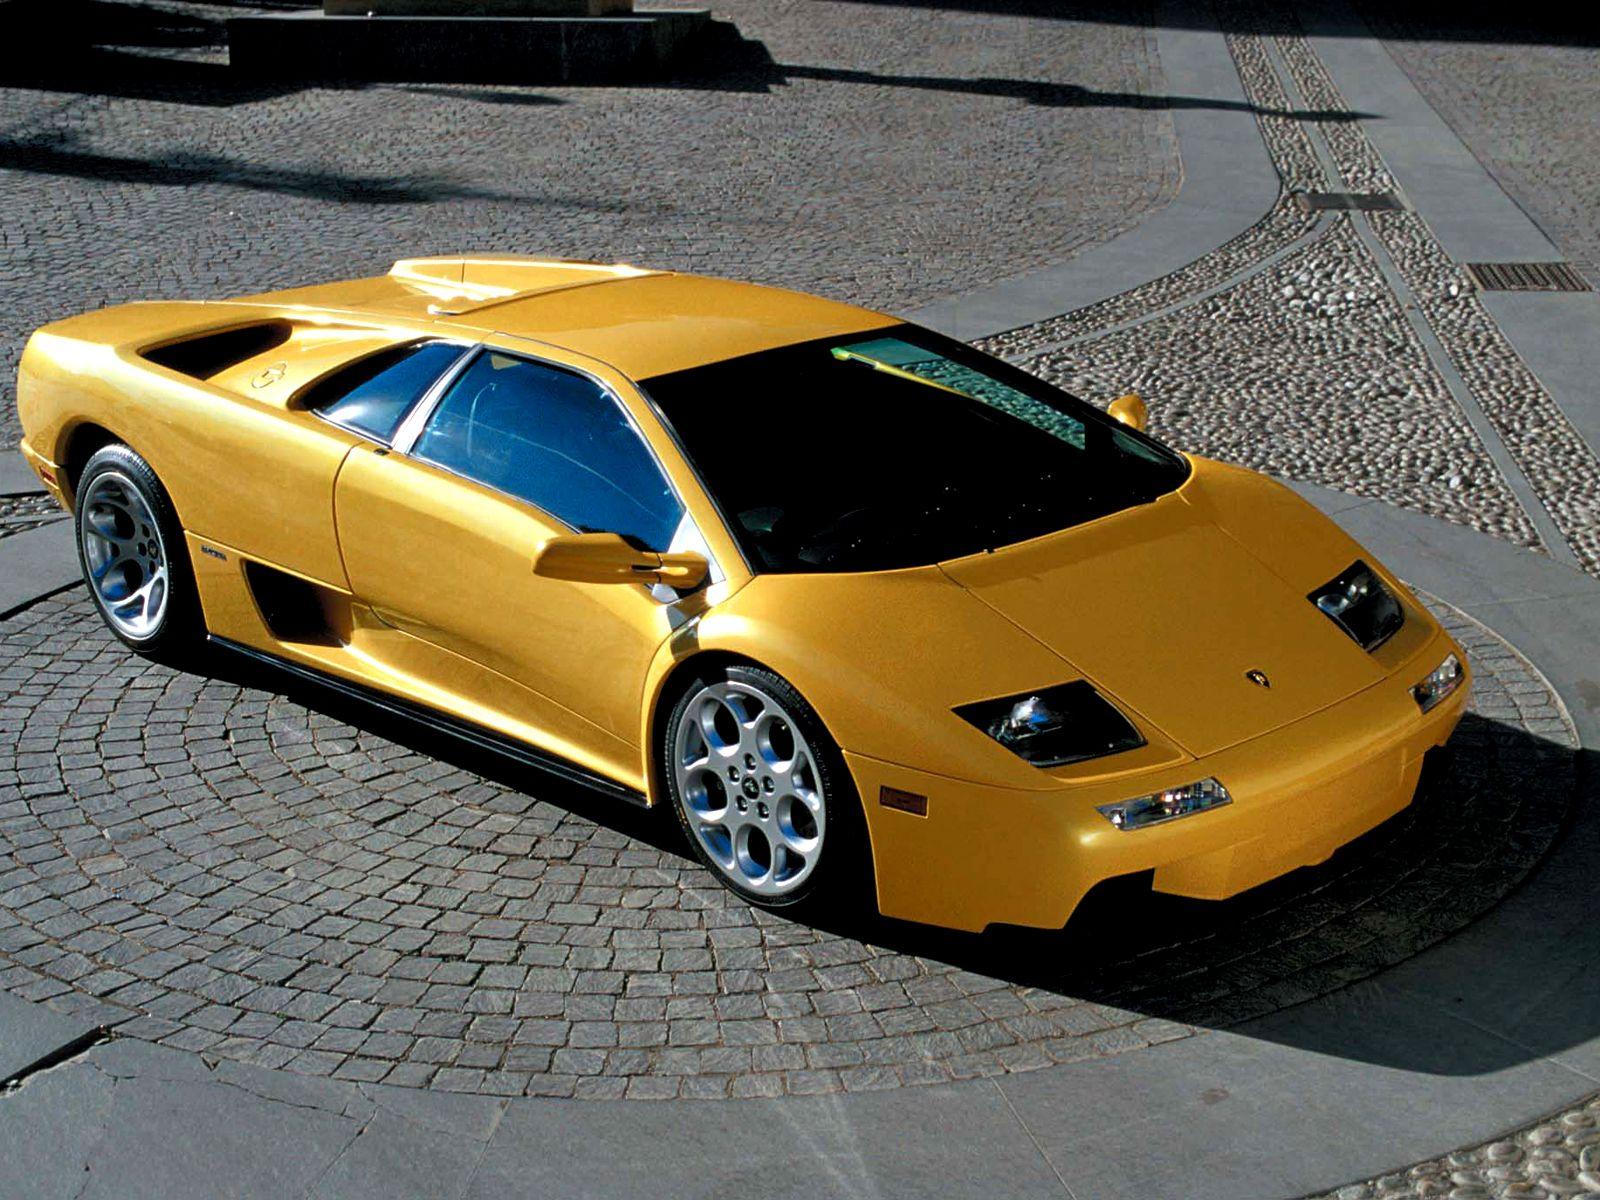 2001 Lamborghini Diablo 6.0 Diablo-01